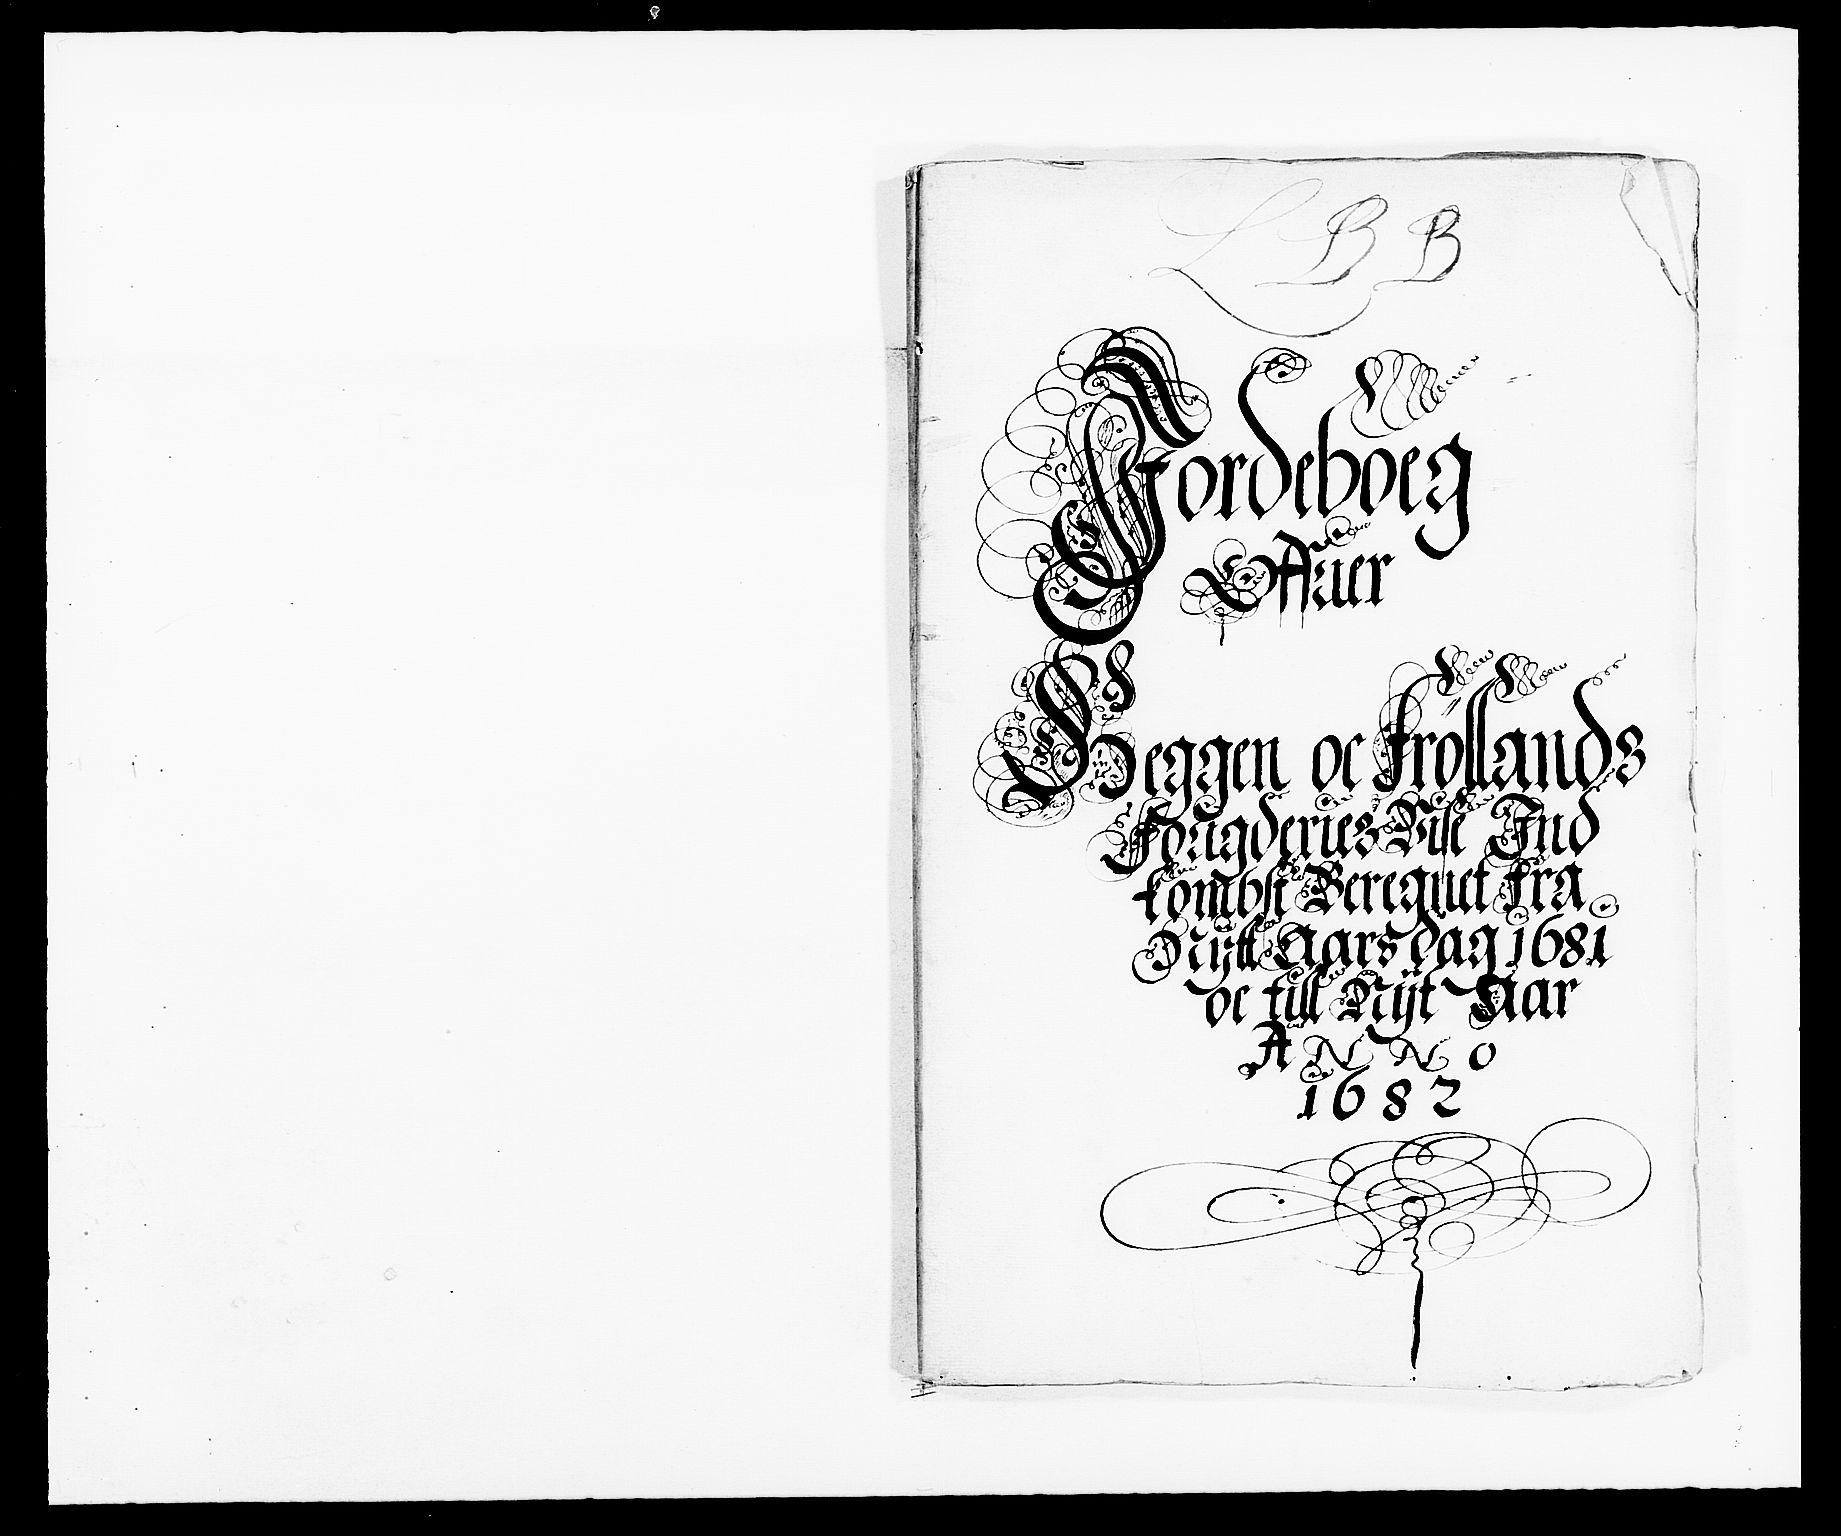 RA, Rentekammeret inntil 1814, Reviderte regnskaper, Fogderegnskap, R06/L0280: Fogderegnskap Heggen og Frøland, 1681-1684, s. 21